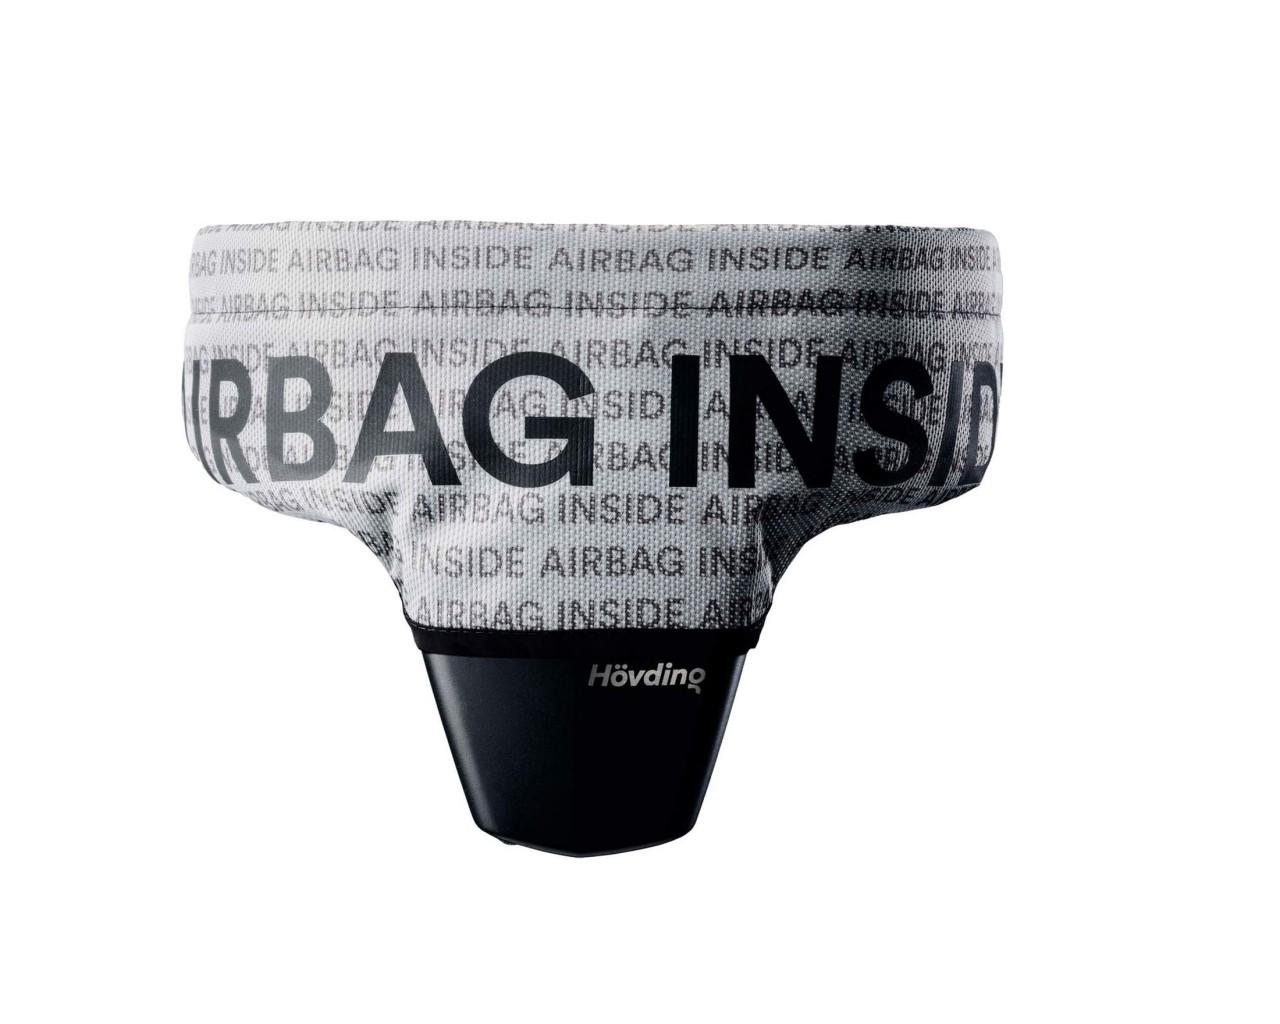 Hövding Airbag Überzug   reflective